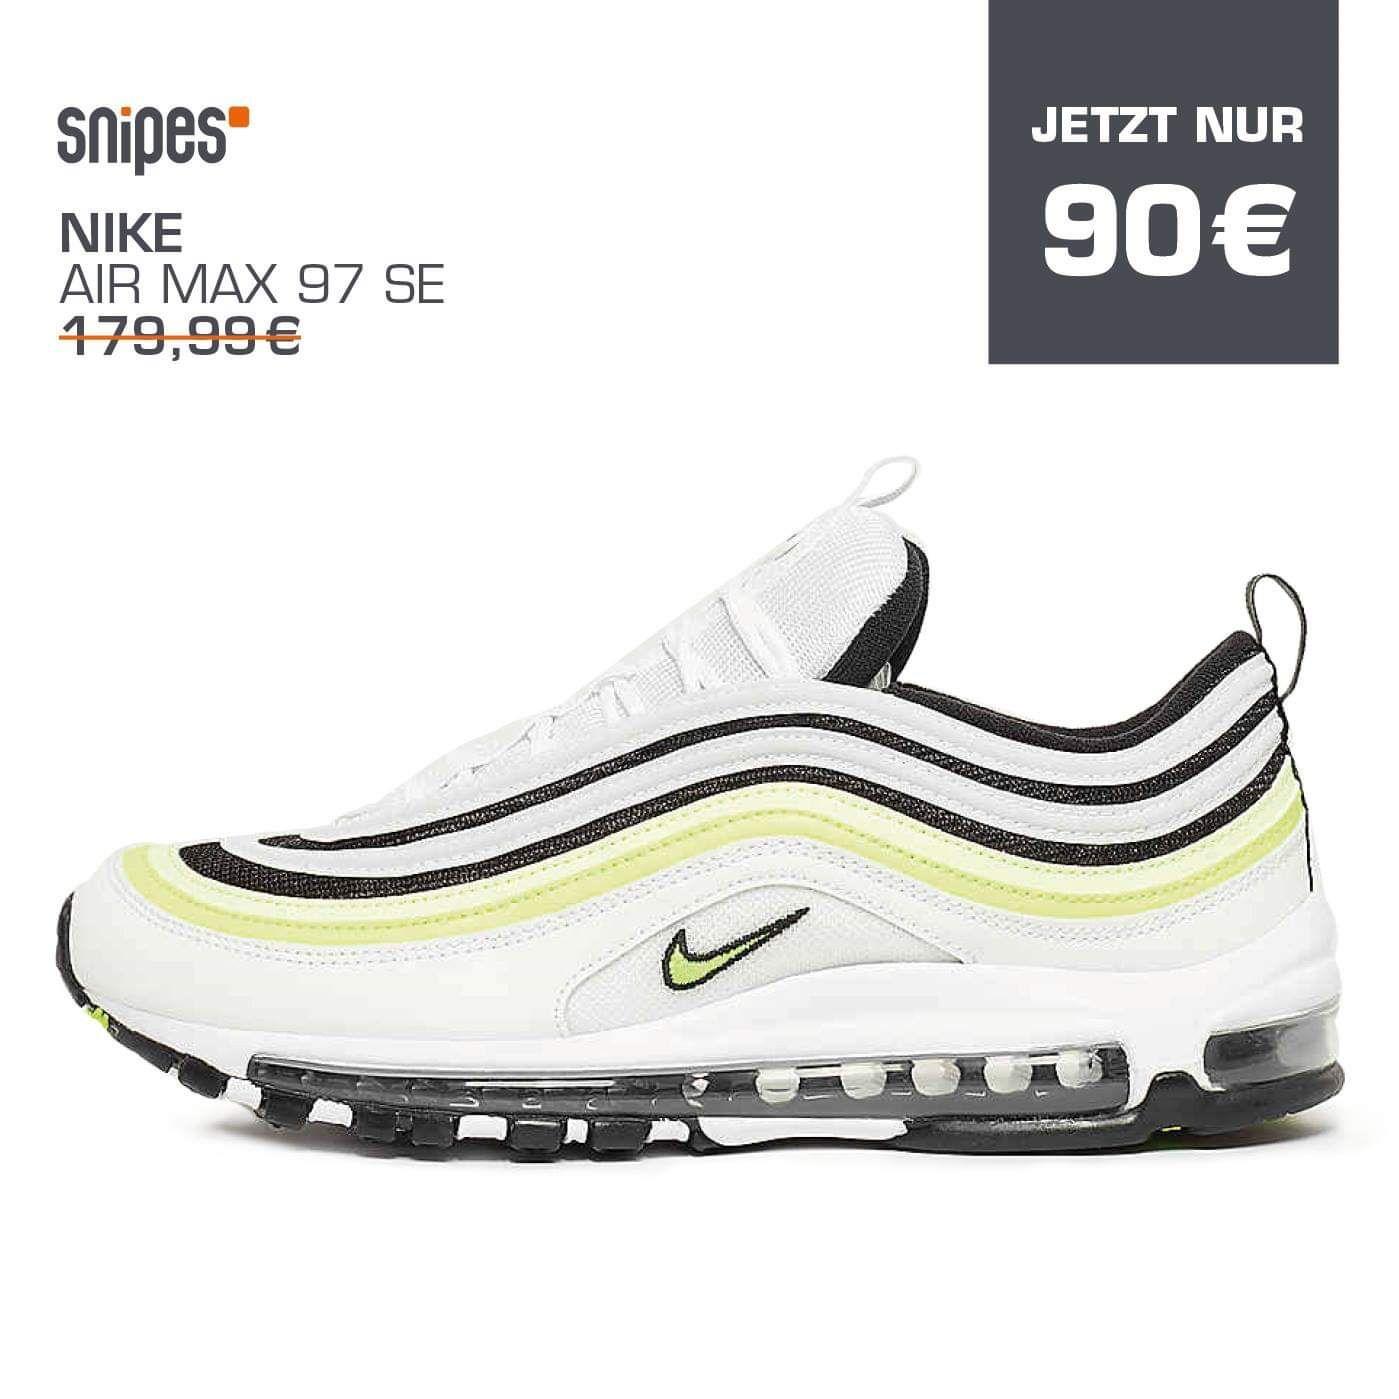 Düsseldorf] Snipes Neueröffnung mit guten Sneaker